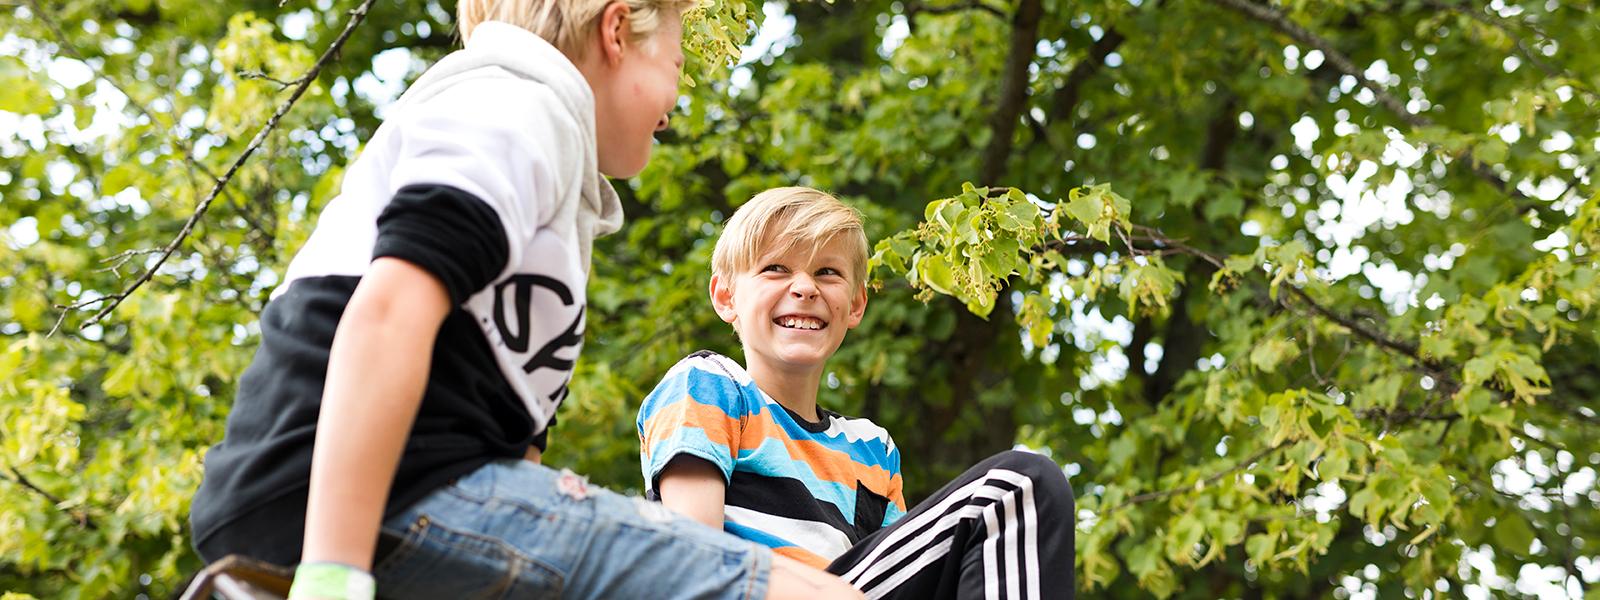 Kaksi poikaa istuu ja nauraa yhdessä